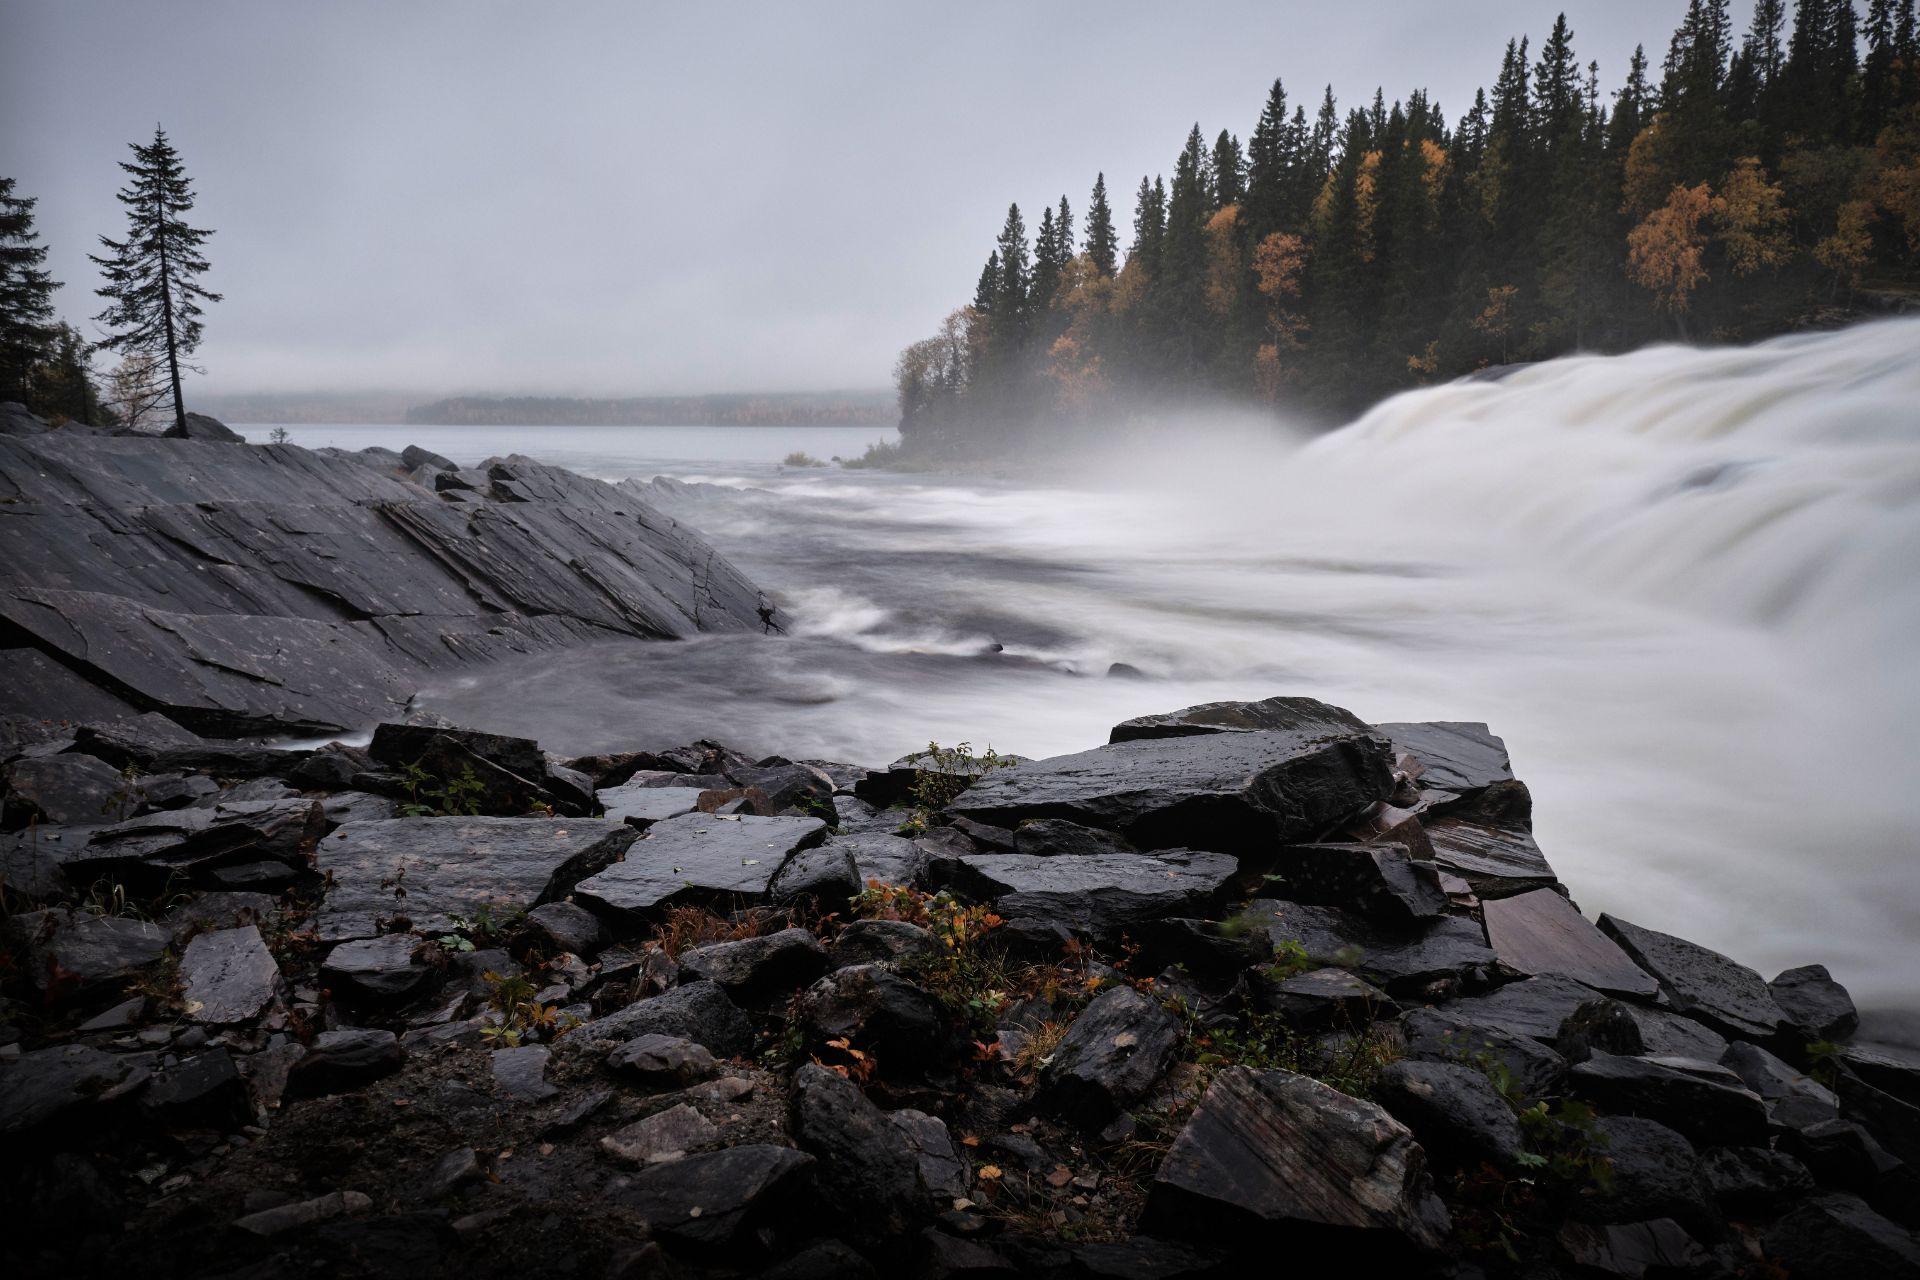 Rengsfallet i Hotagsbygden. Foto © Jörgen Språng.